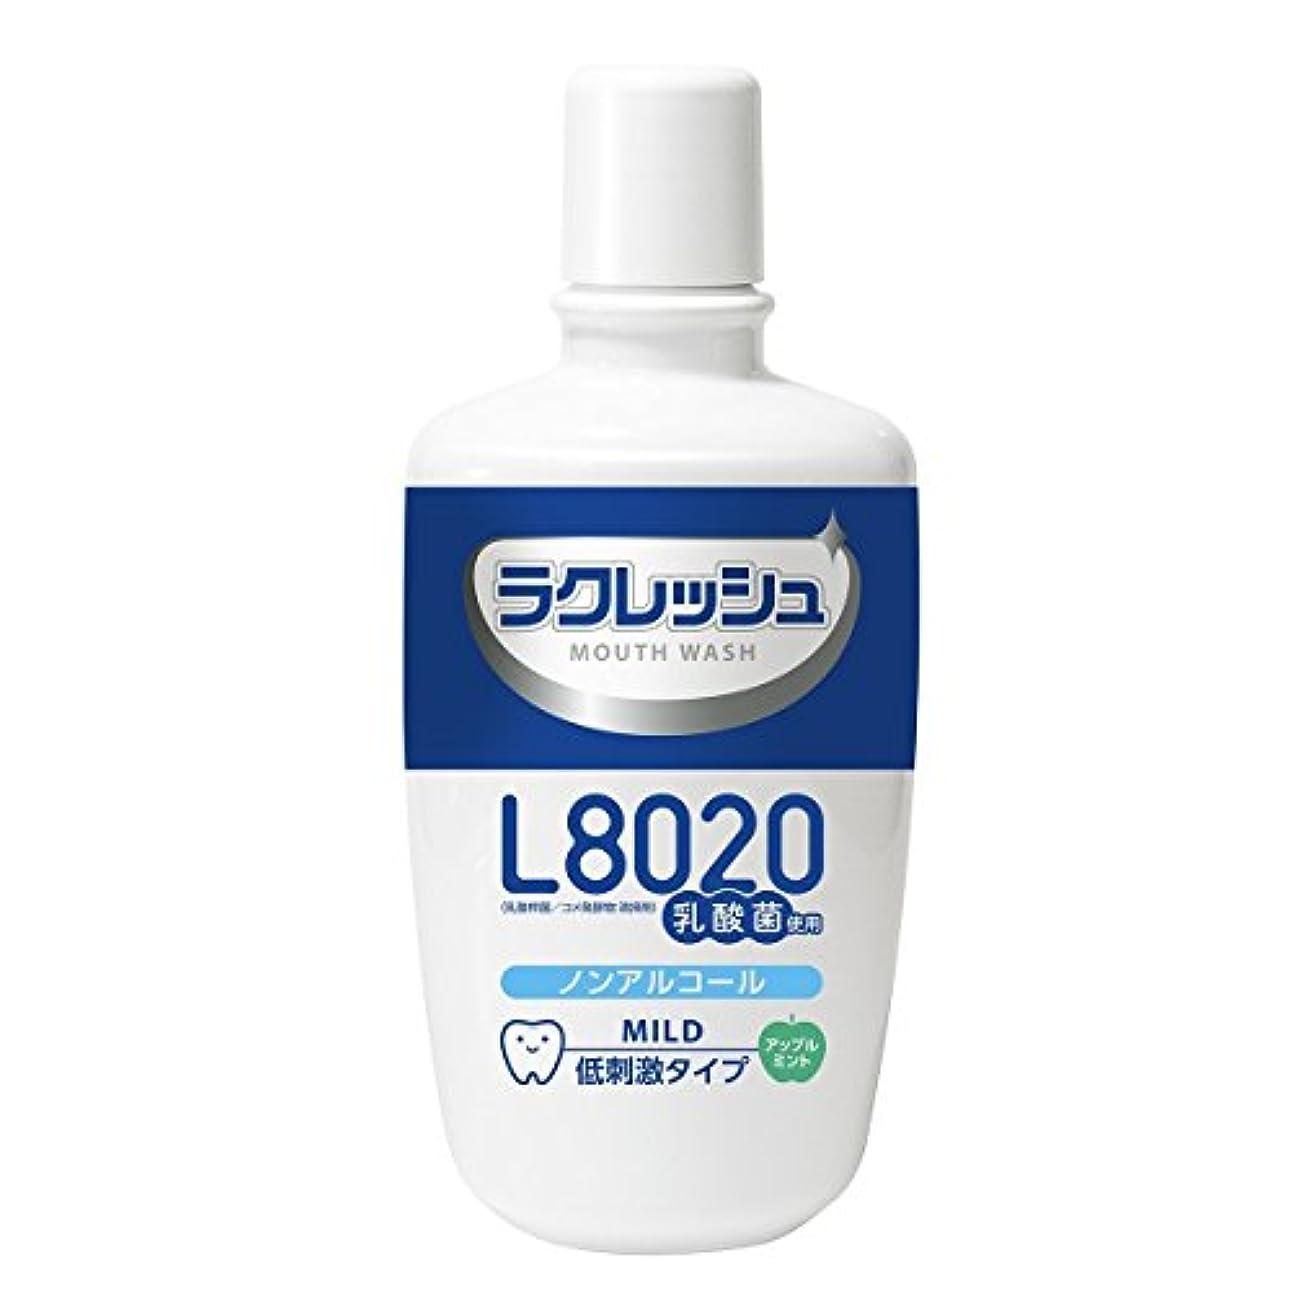 ロールベンチ故障中ラクレッシュ L8020菌 マウスウォッシュ 3本セット (マイルド)